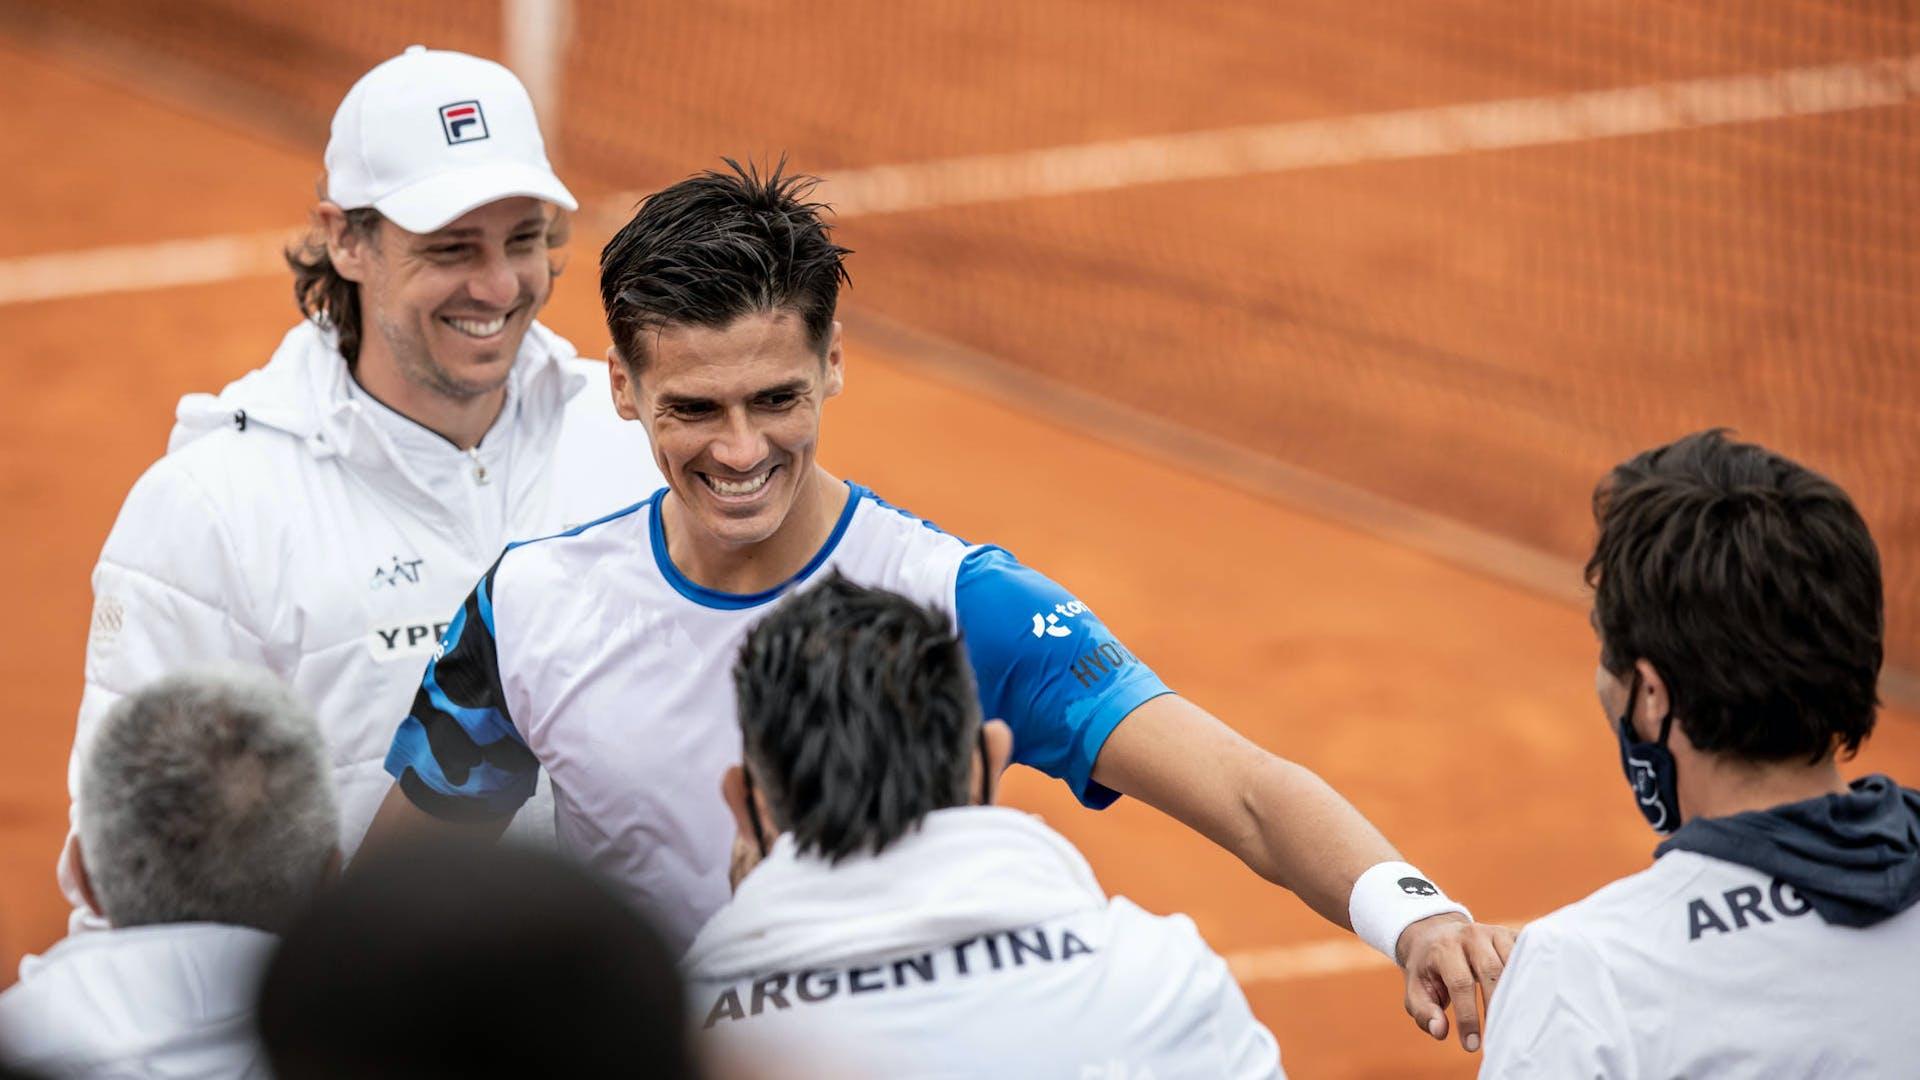 Celebración del equipo argentino © ITF